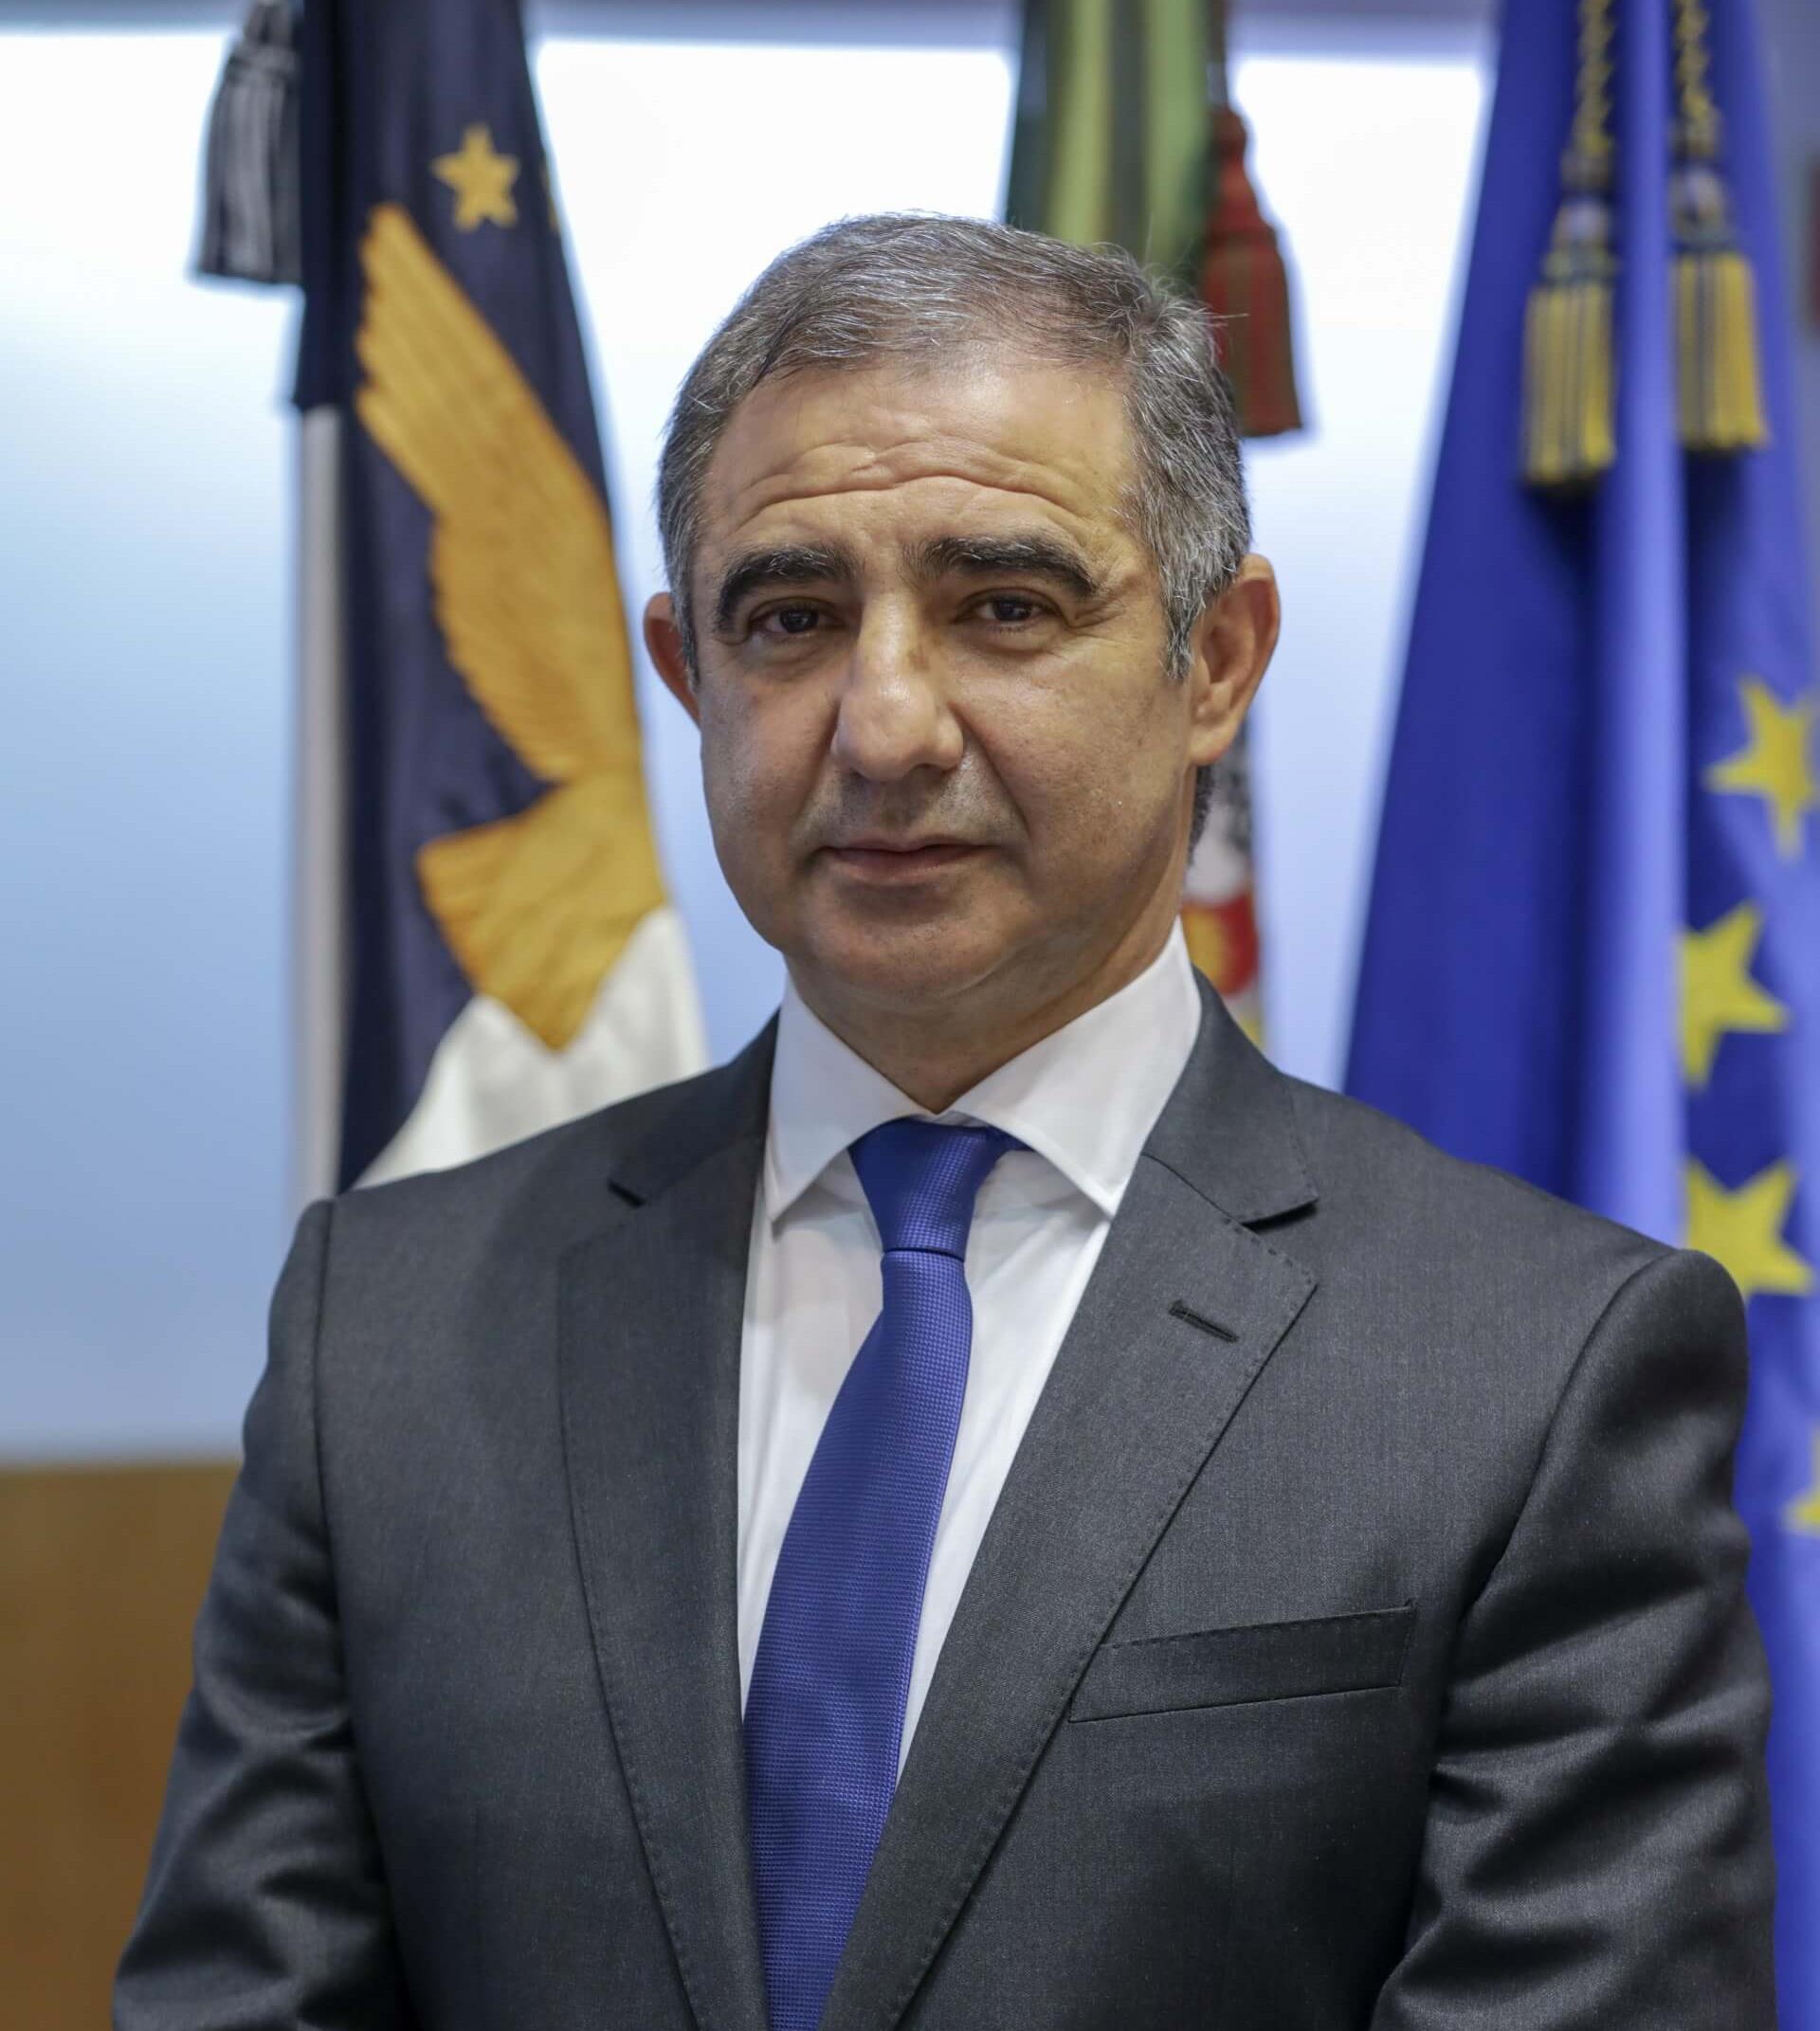 José Manuel Cabral Dias Bolieiro